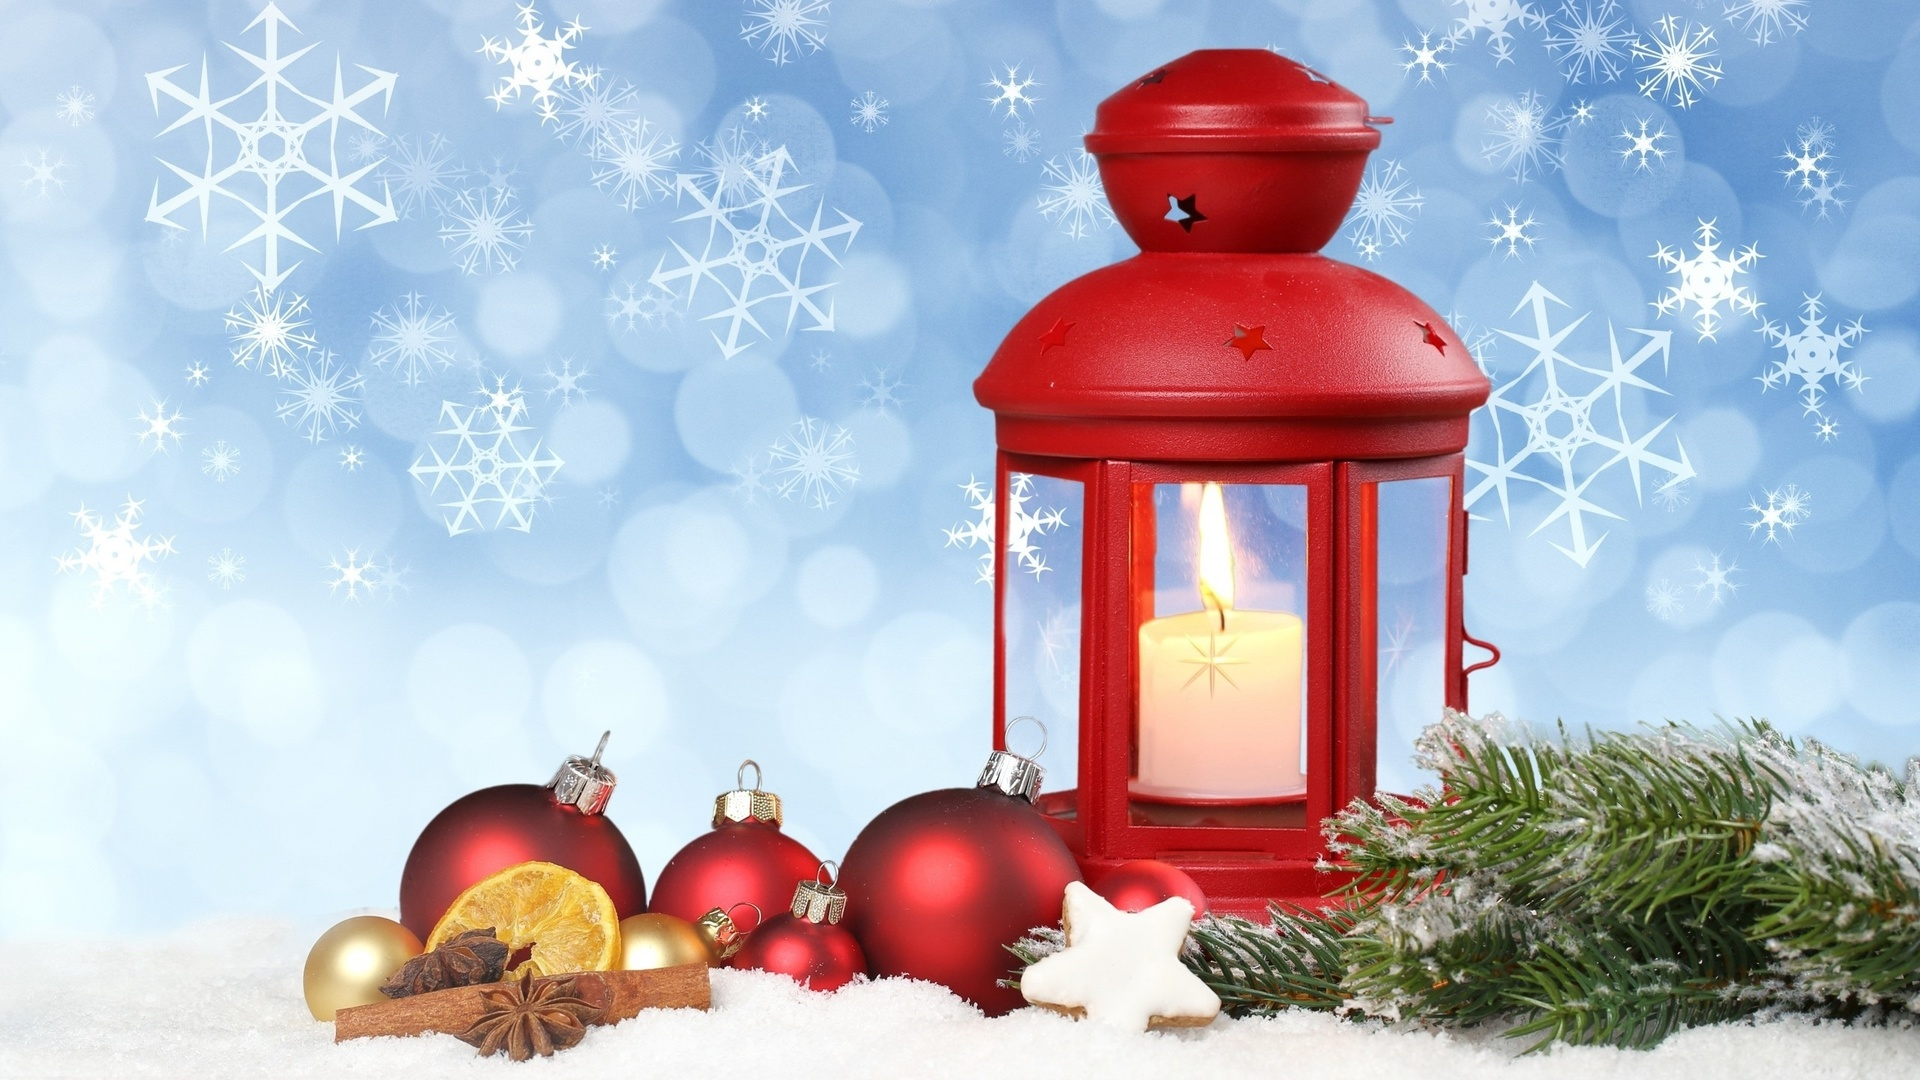 Днем никаха, фоны рождественские открытки